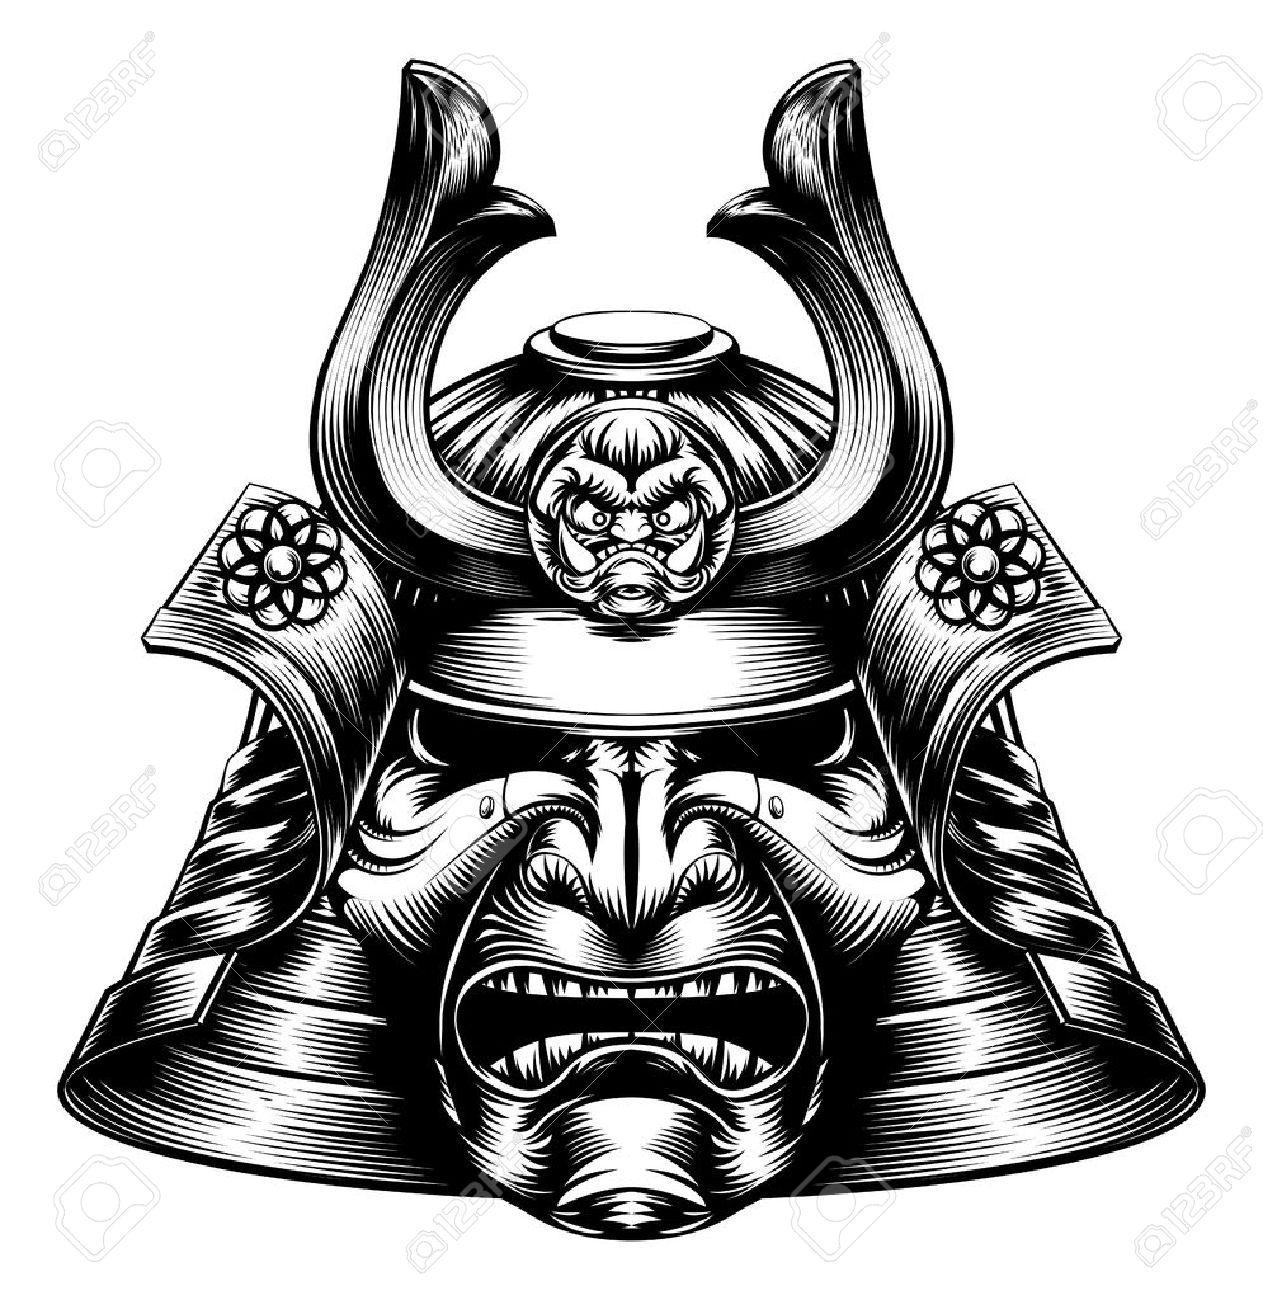 Samurai Mask Drawing At Getdrawings